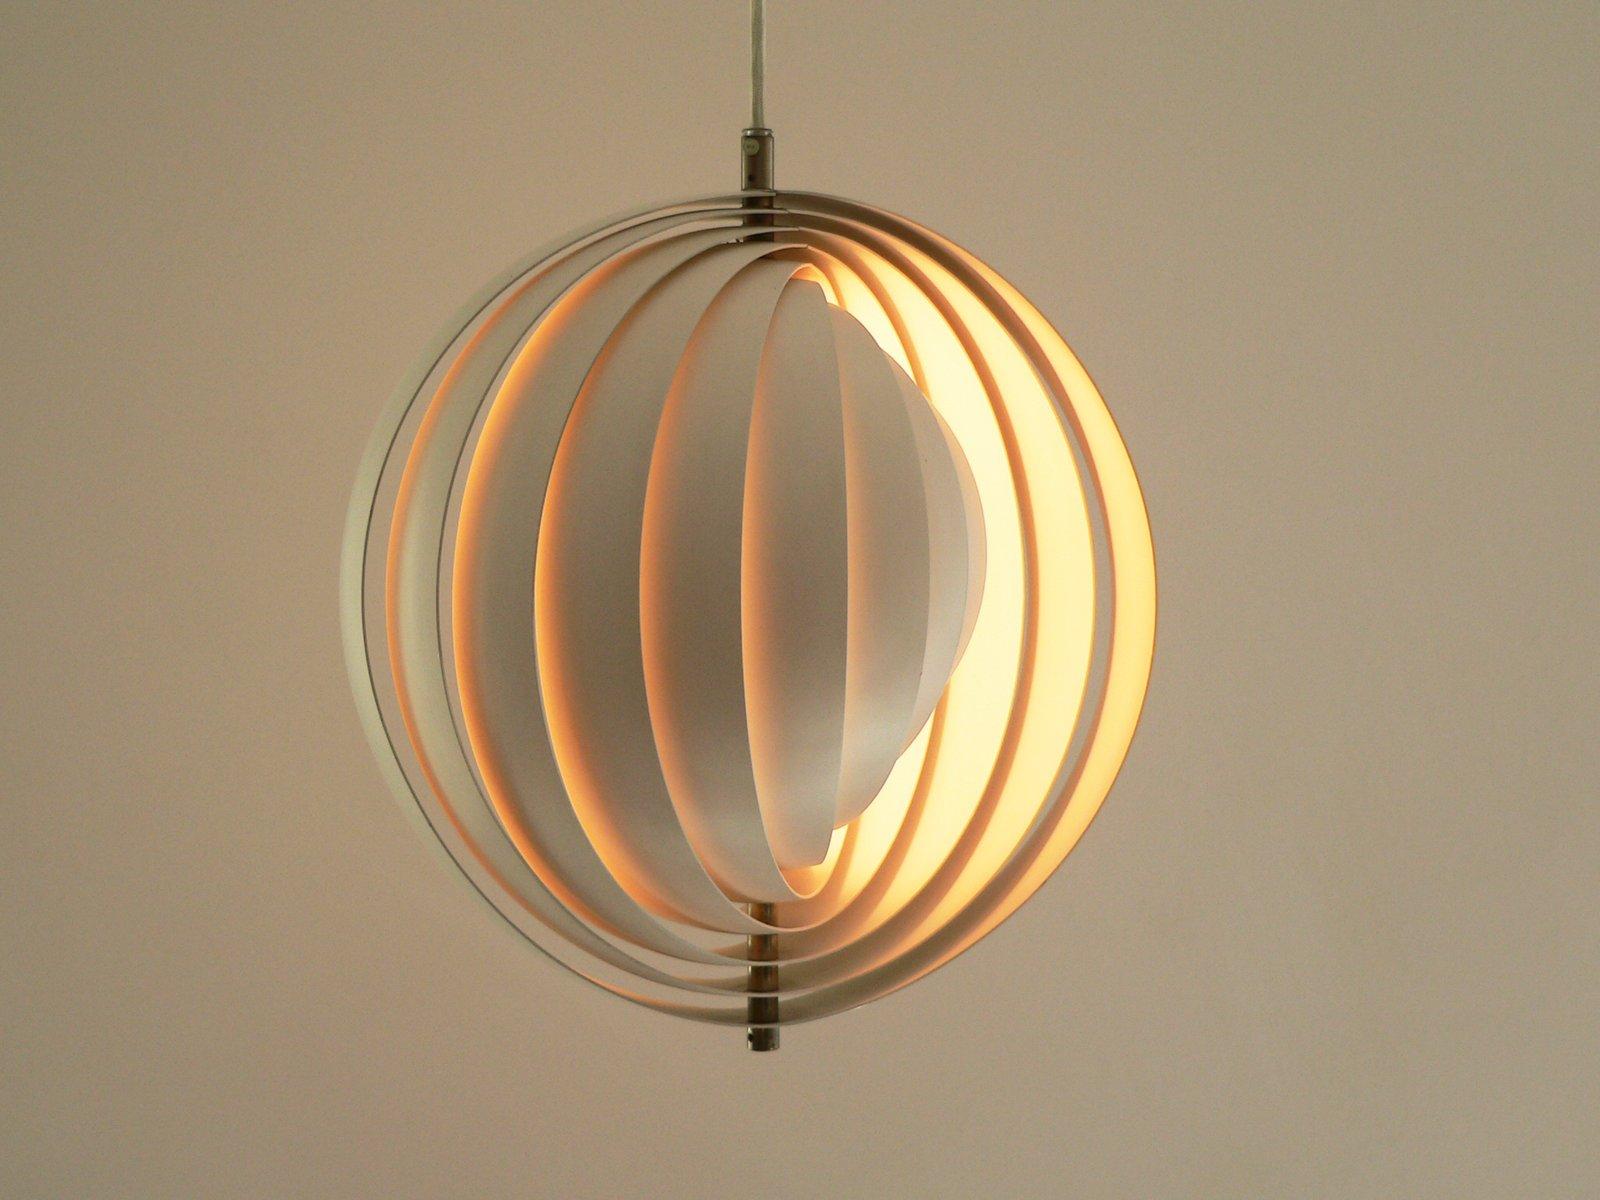 lampe moon par verner panton pour louis poulsen 1960s en vente sur pamono. Black Bedroom Furniture Sets. Home Design Ideas